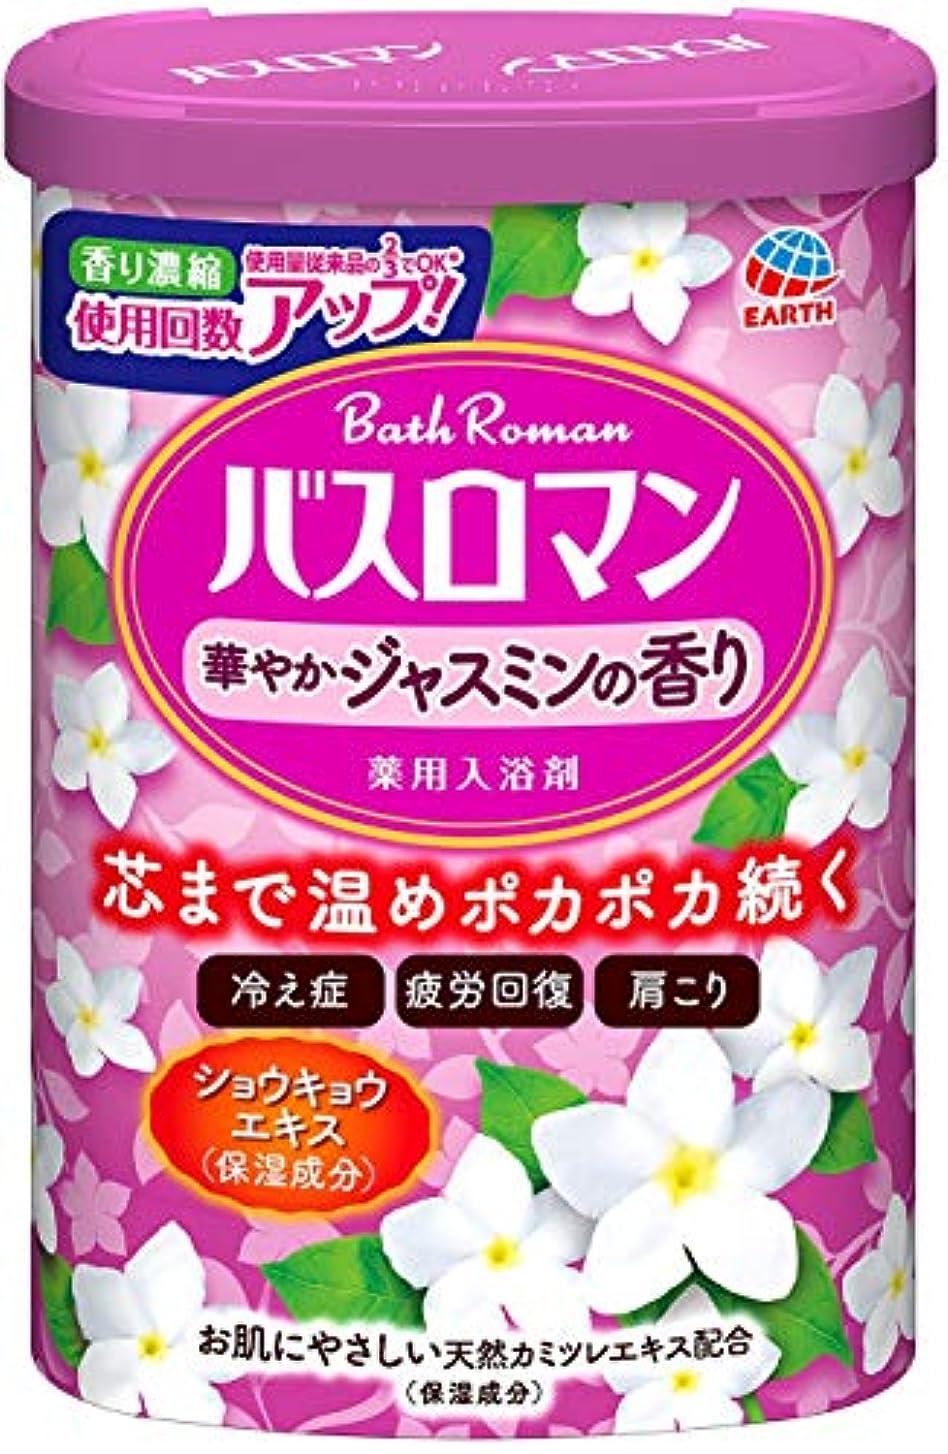 種類ビリーマンハッタン【医薬部外品】バスロマン 入浴剤 華やかジャスミンの香り [600g]